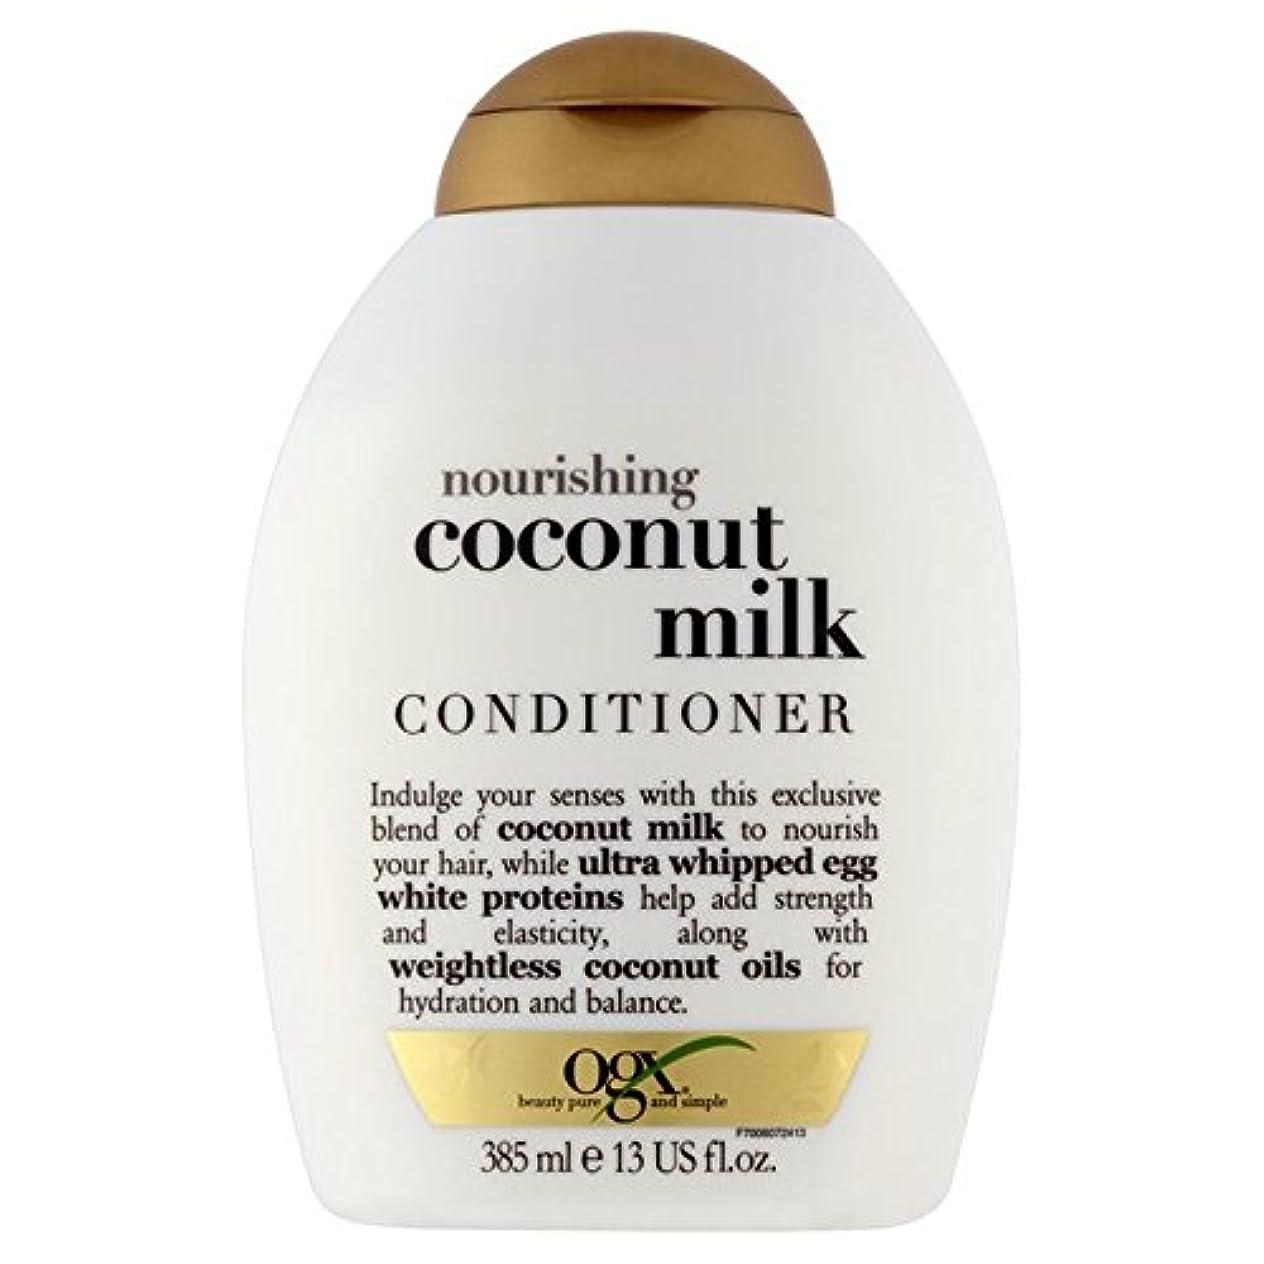 置換州ヤギOgx Coconut Milk Conditioner 385ml - ココナッツミルクコンディショナー385ミリリットル [並行輸入品]